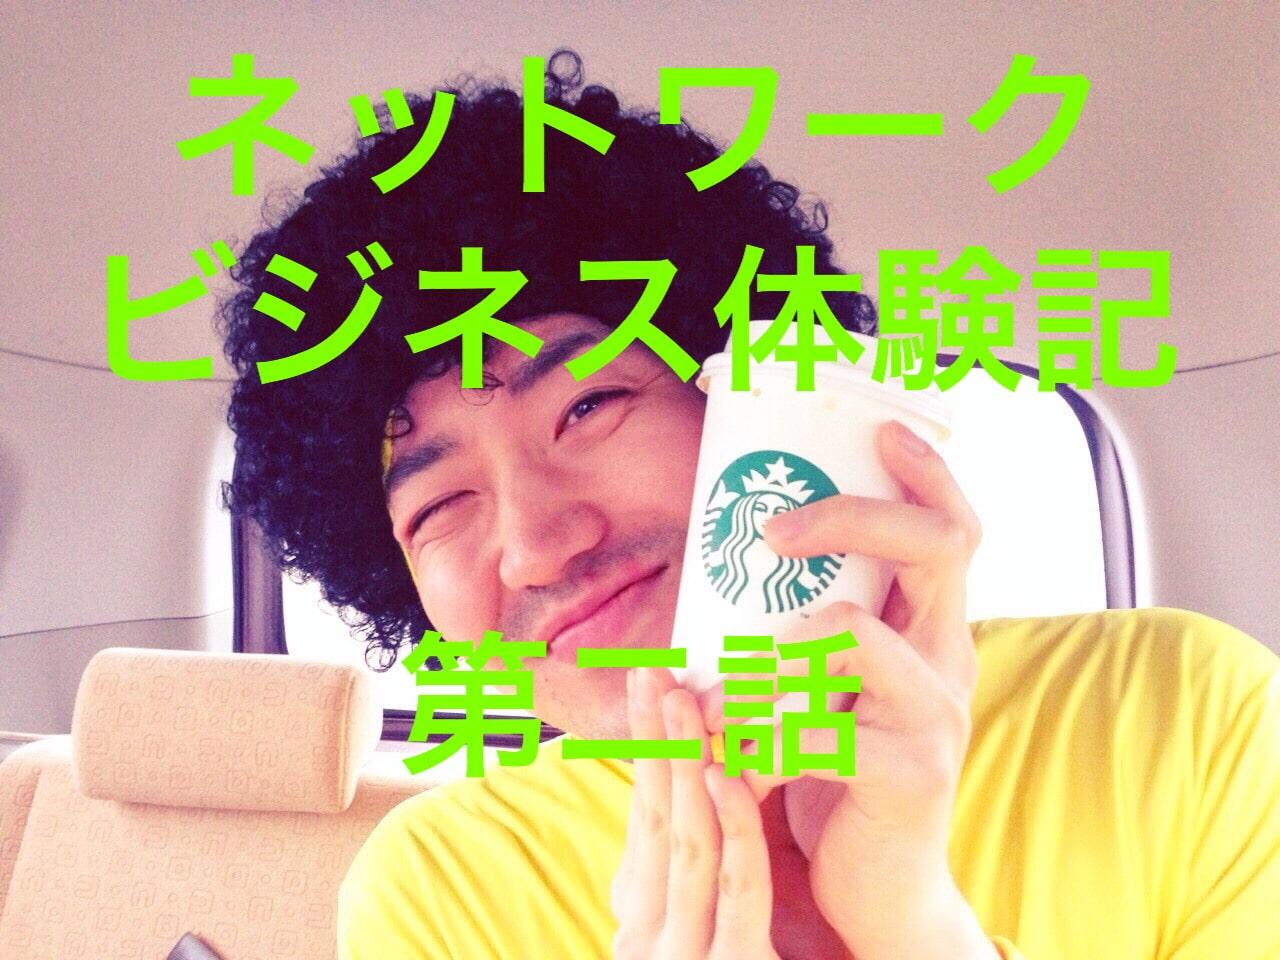 【第二話】実録!ネットワークビジネス(マルチ商法)体験記